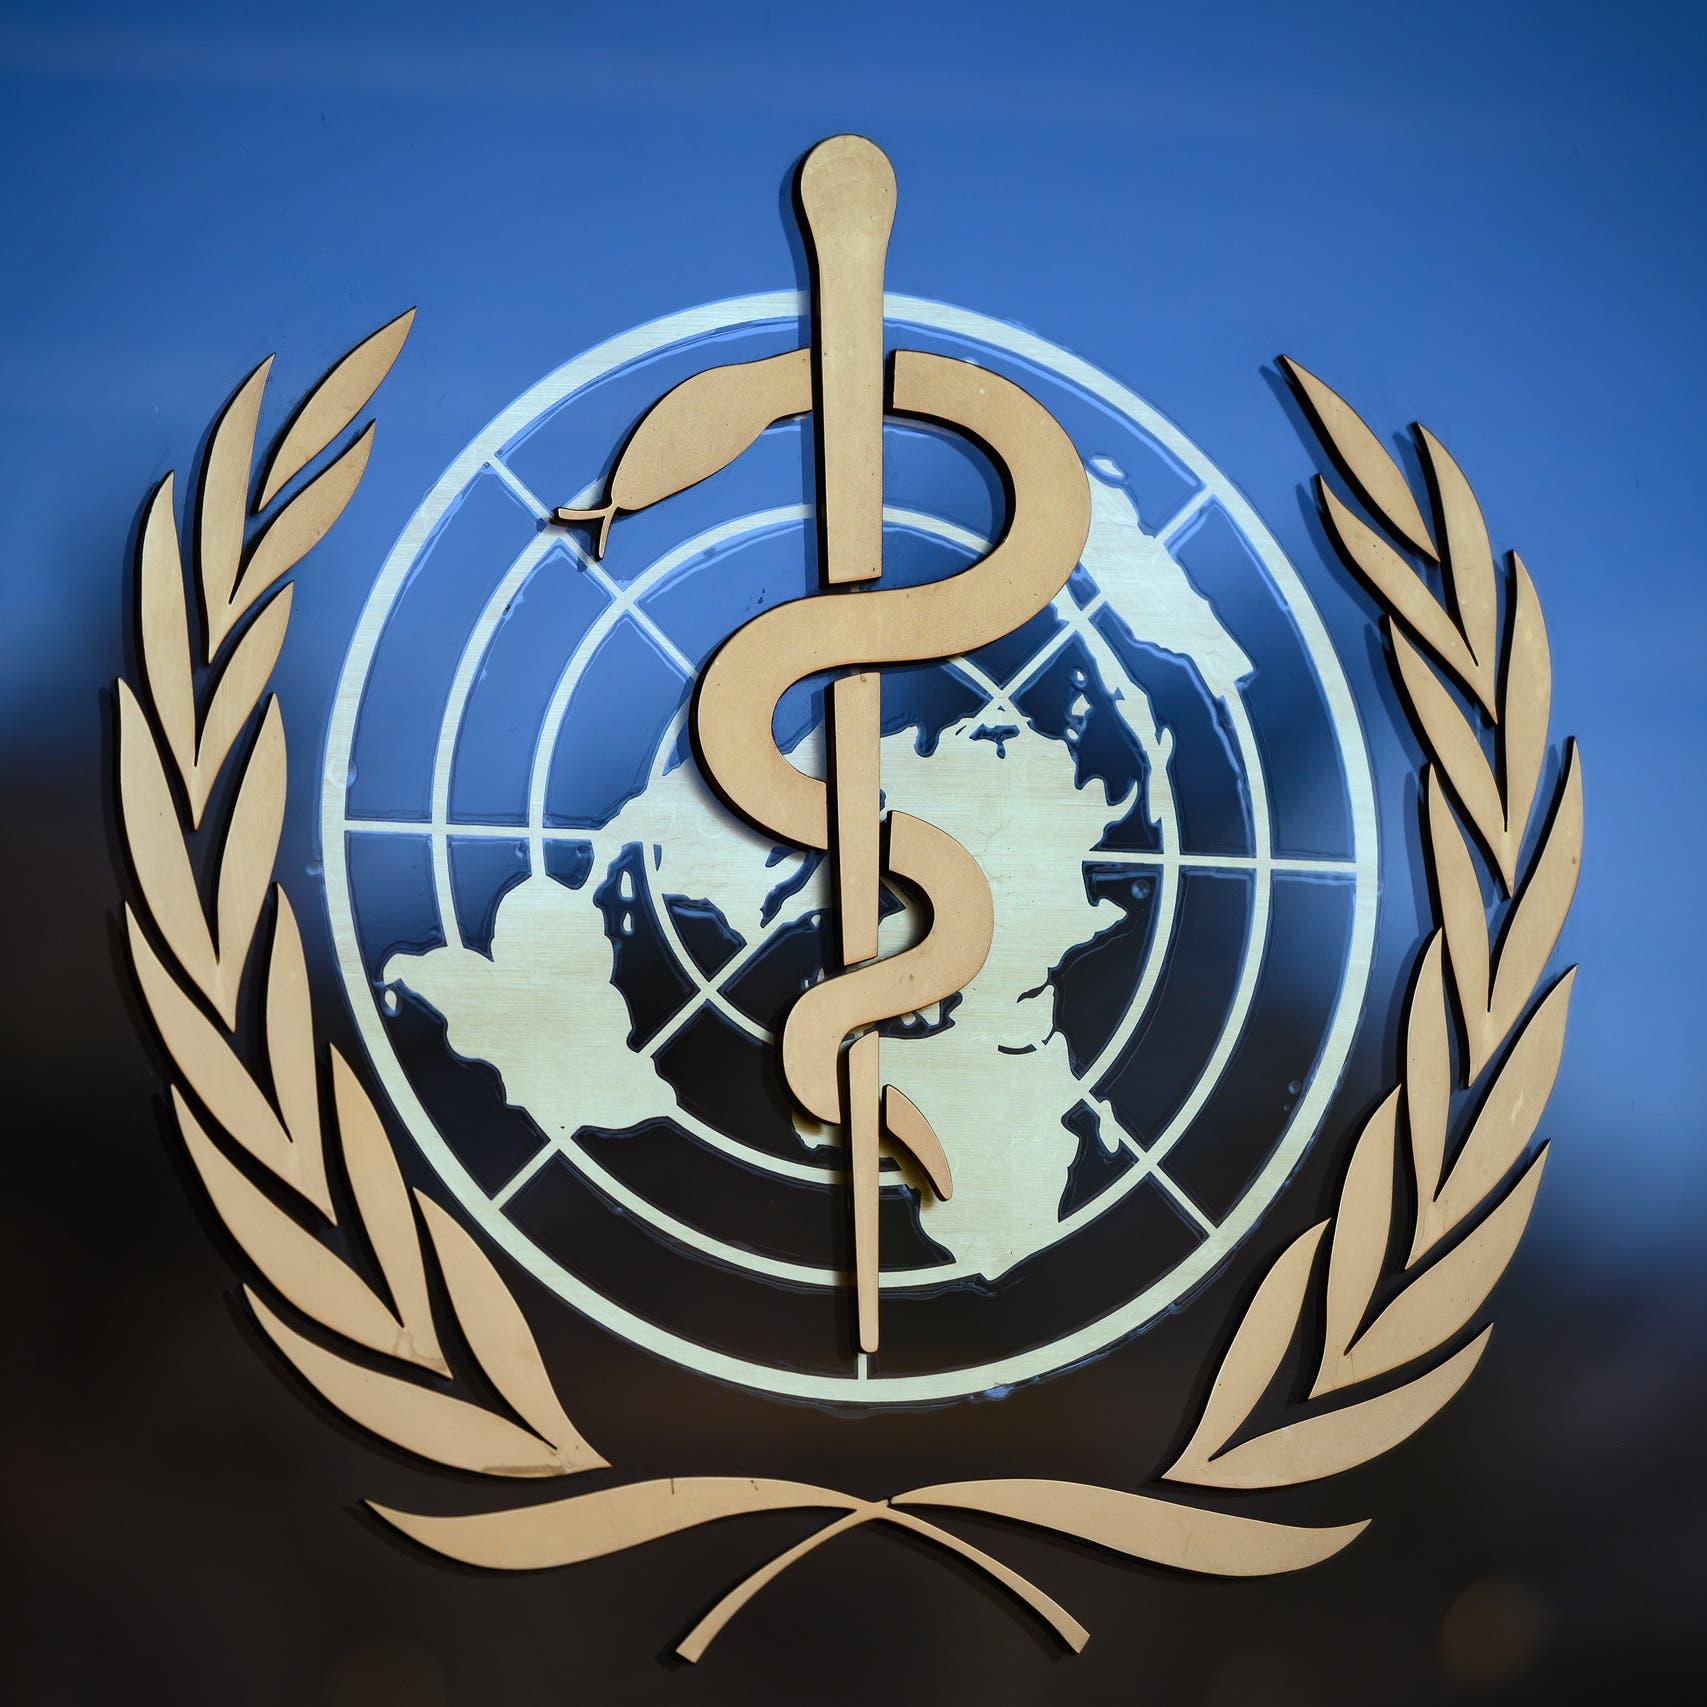 الصحة العالمية توافق على إجراء تحقيق دولي حول الوباء